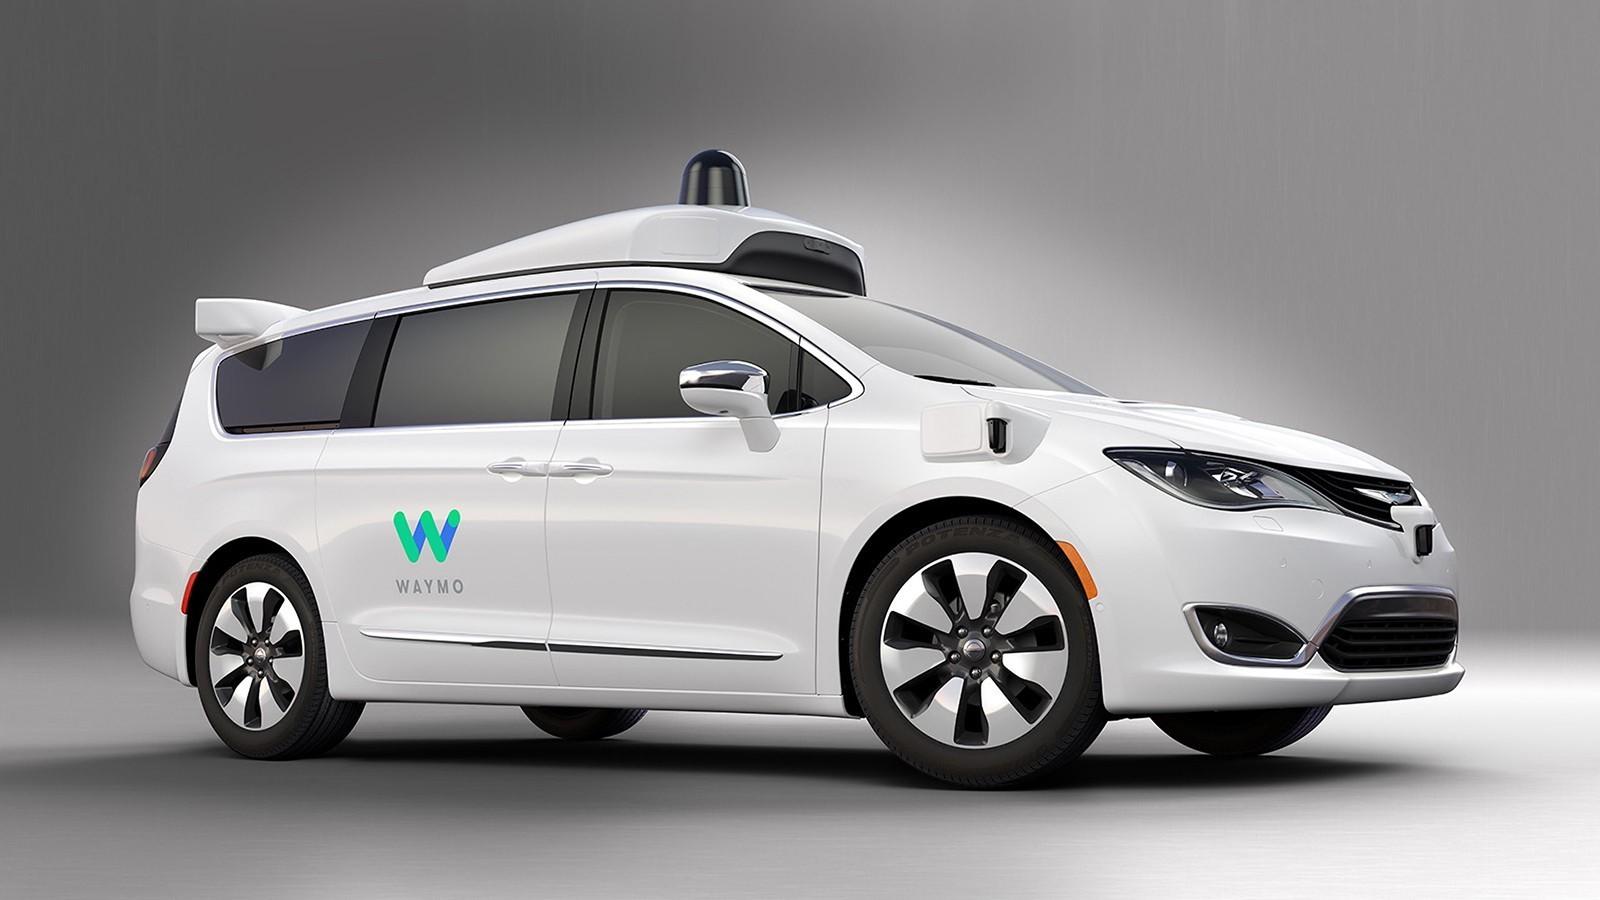 googles-driverless-waymo-based-on-chrysler-pacifica-hybrid